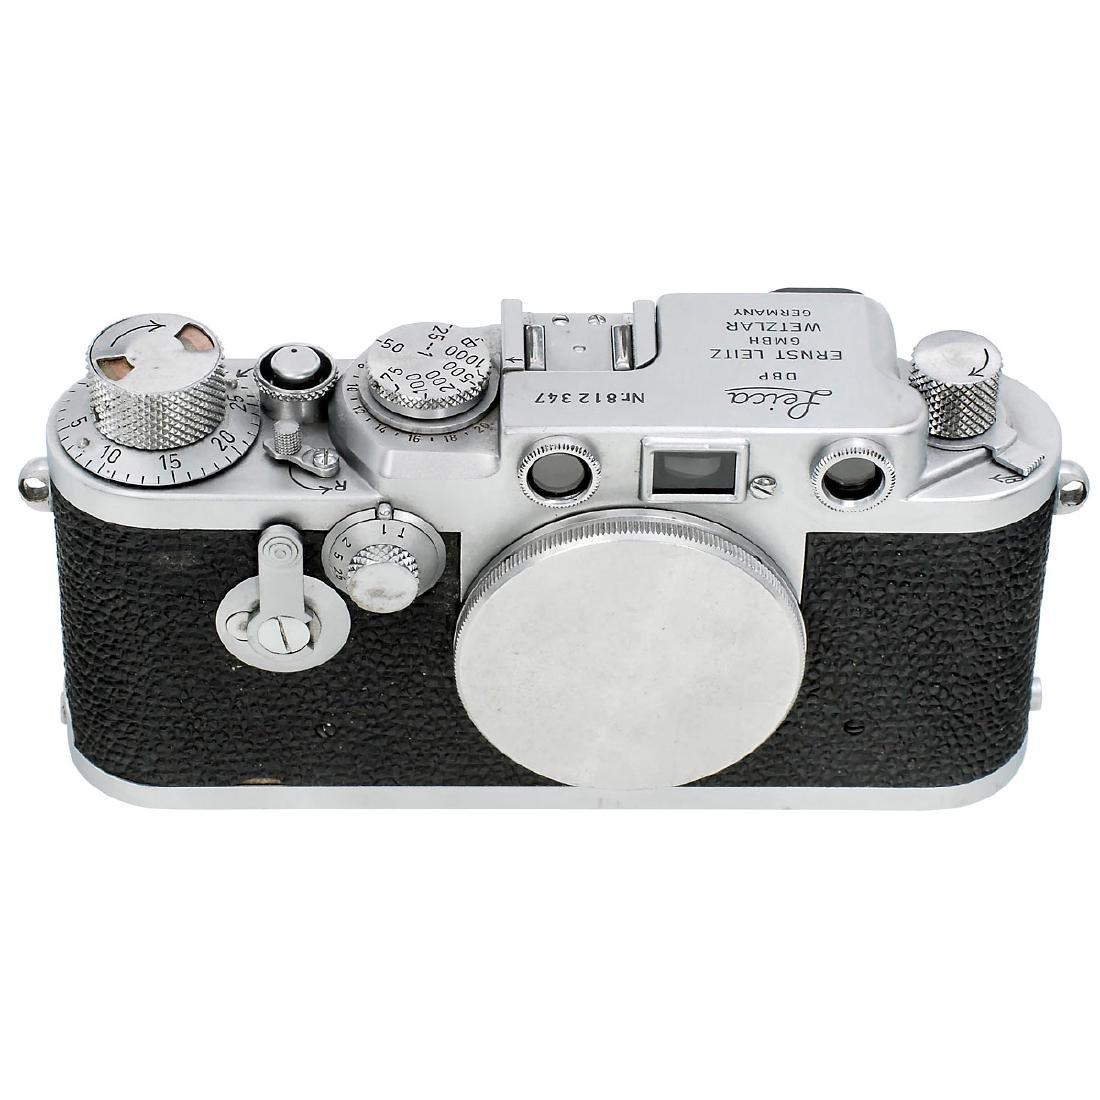 Leica IIIf Body, 1956